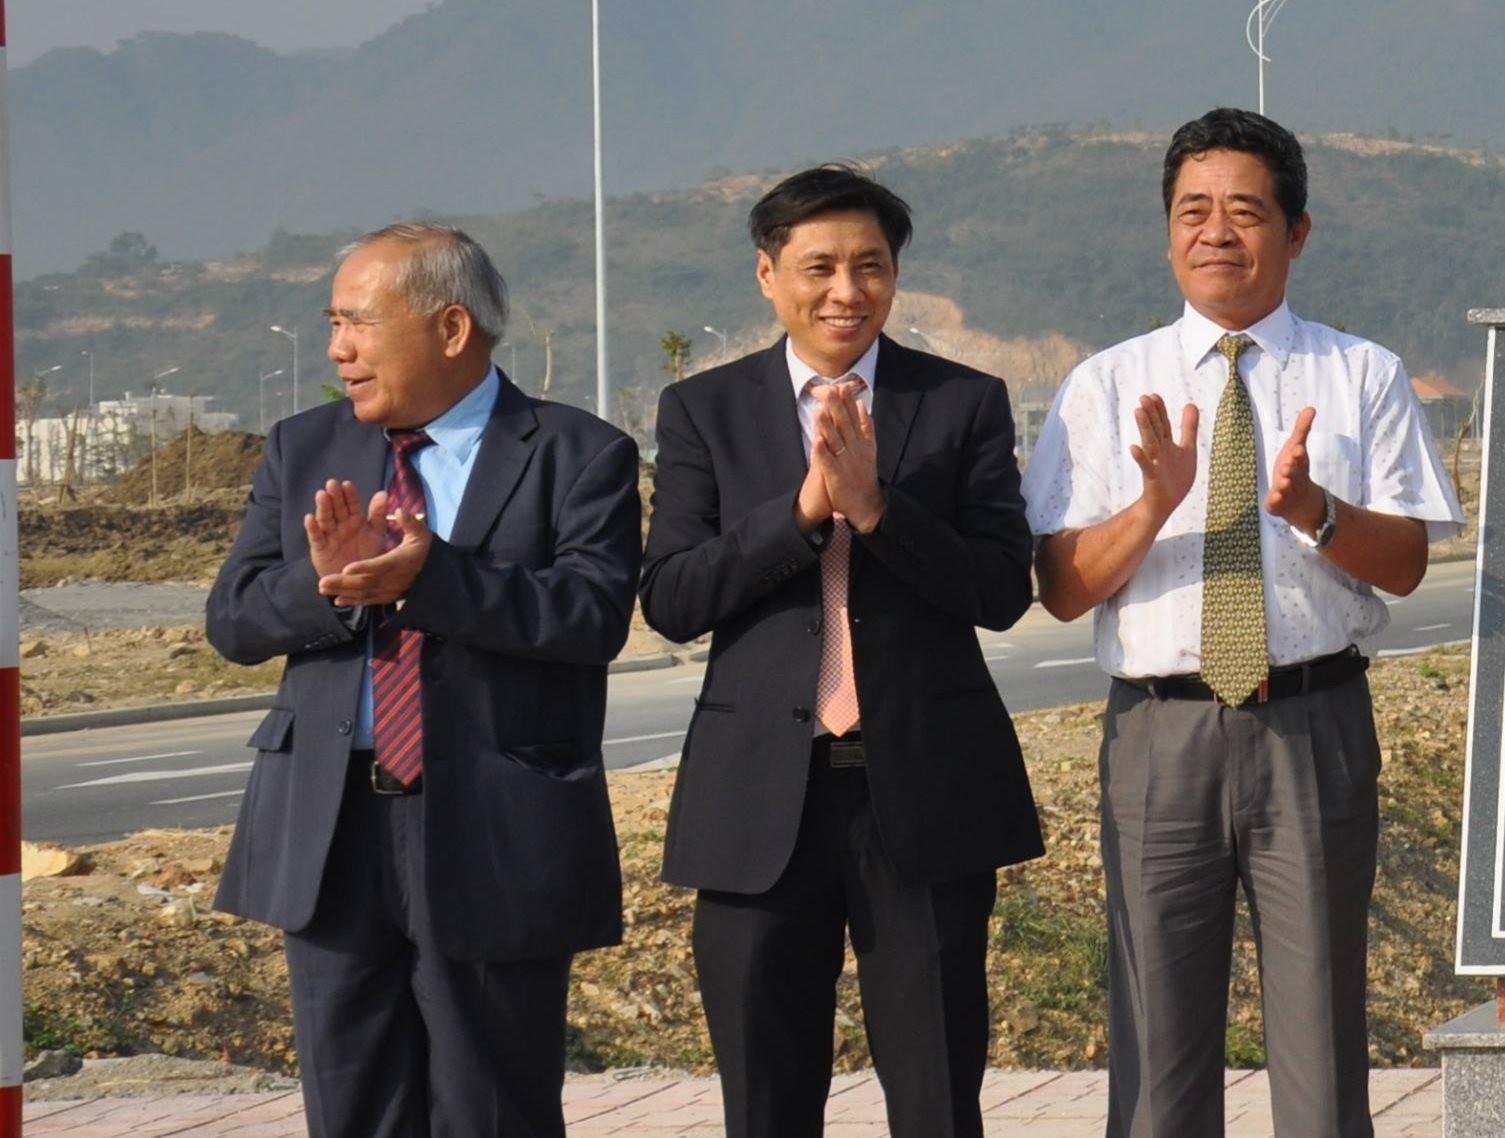 UBND Khánh Hòa duyệt 47 dự án vượt thẩm quyền, ra 289 văn bản có nội dung vi phạm - Ảnh 2.